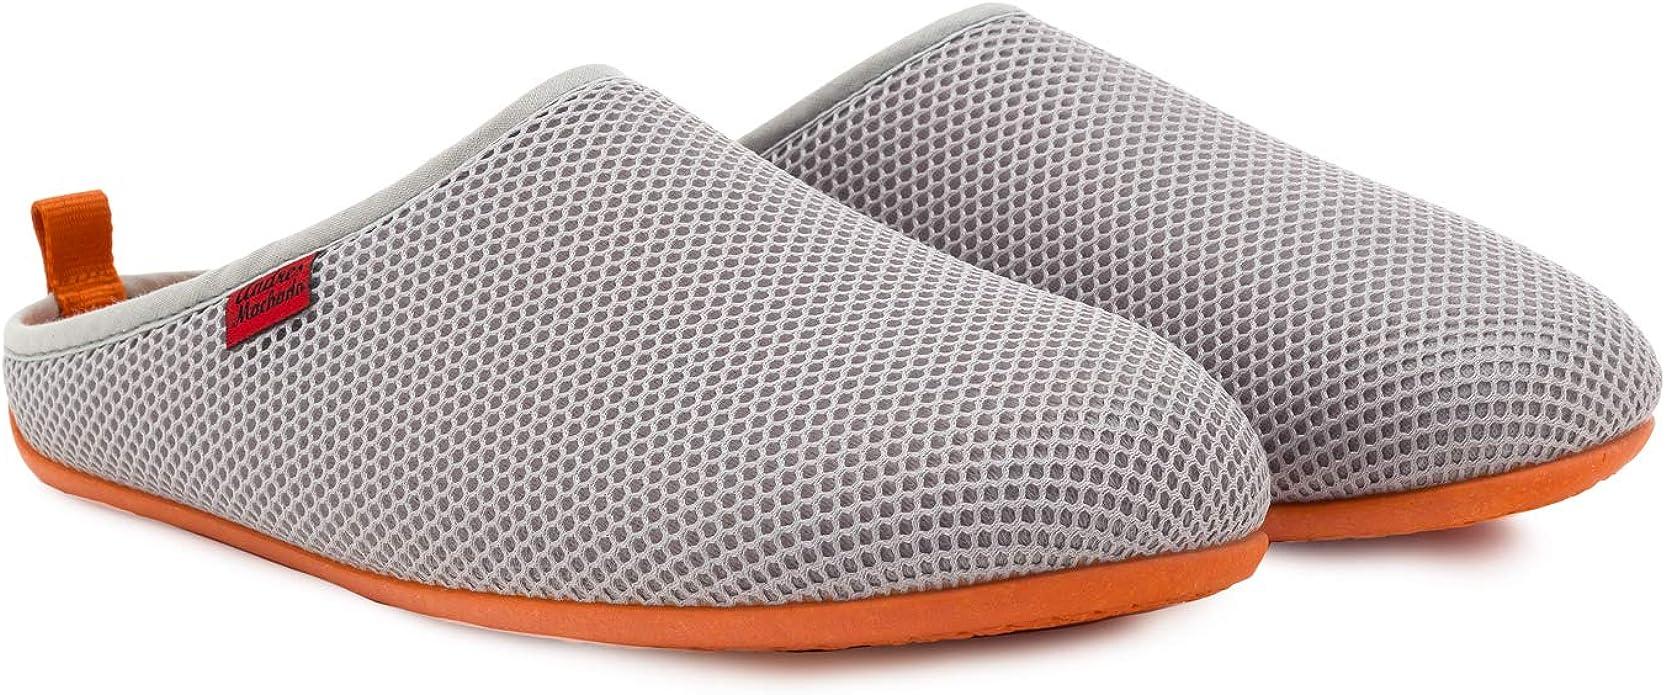 Unisex Slippers Pantoffeln  Hausschuhe Freizeitschuhe Weich Warm Rutschfest H//H